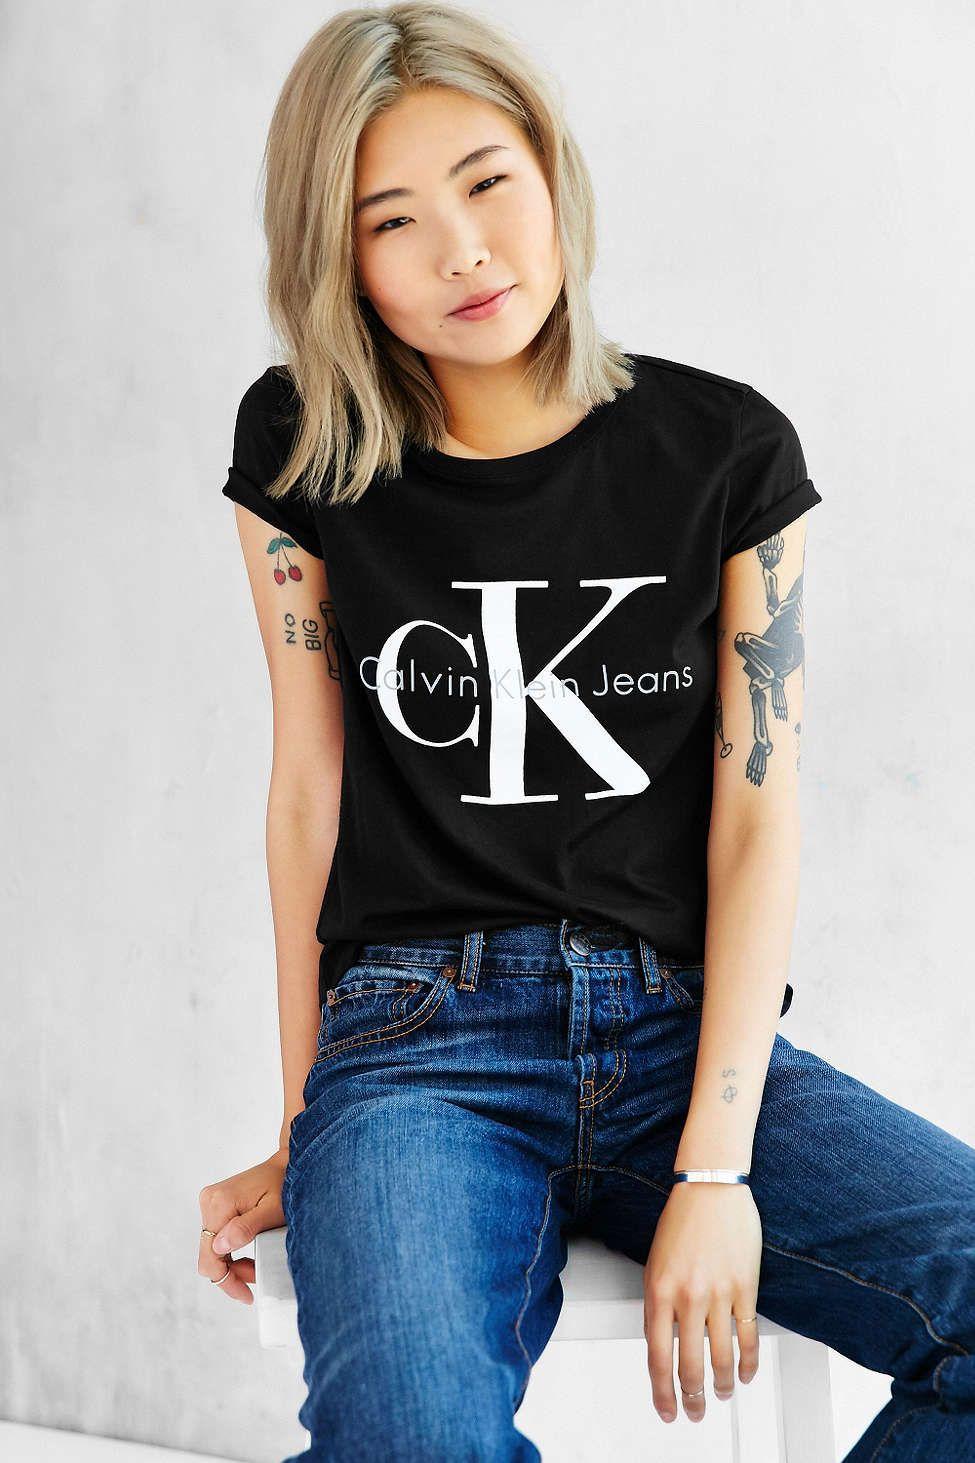 79501e945b41 Calvin Klein Tee Shirt - Urban Outfitters